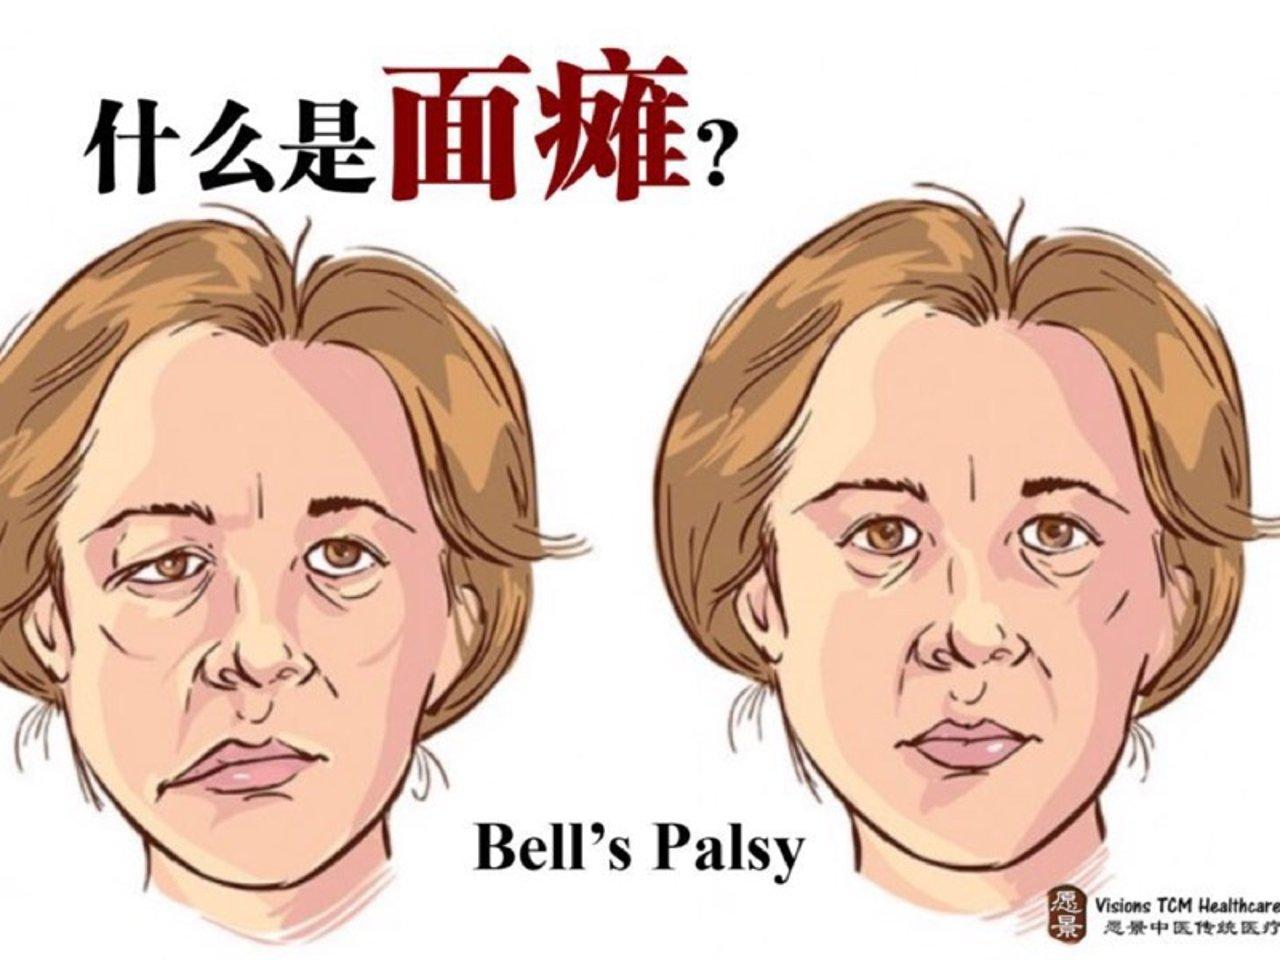 贝儿氏麻痹症治疗康复全过程